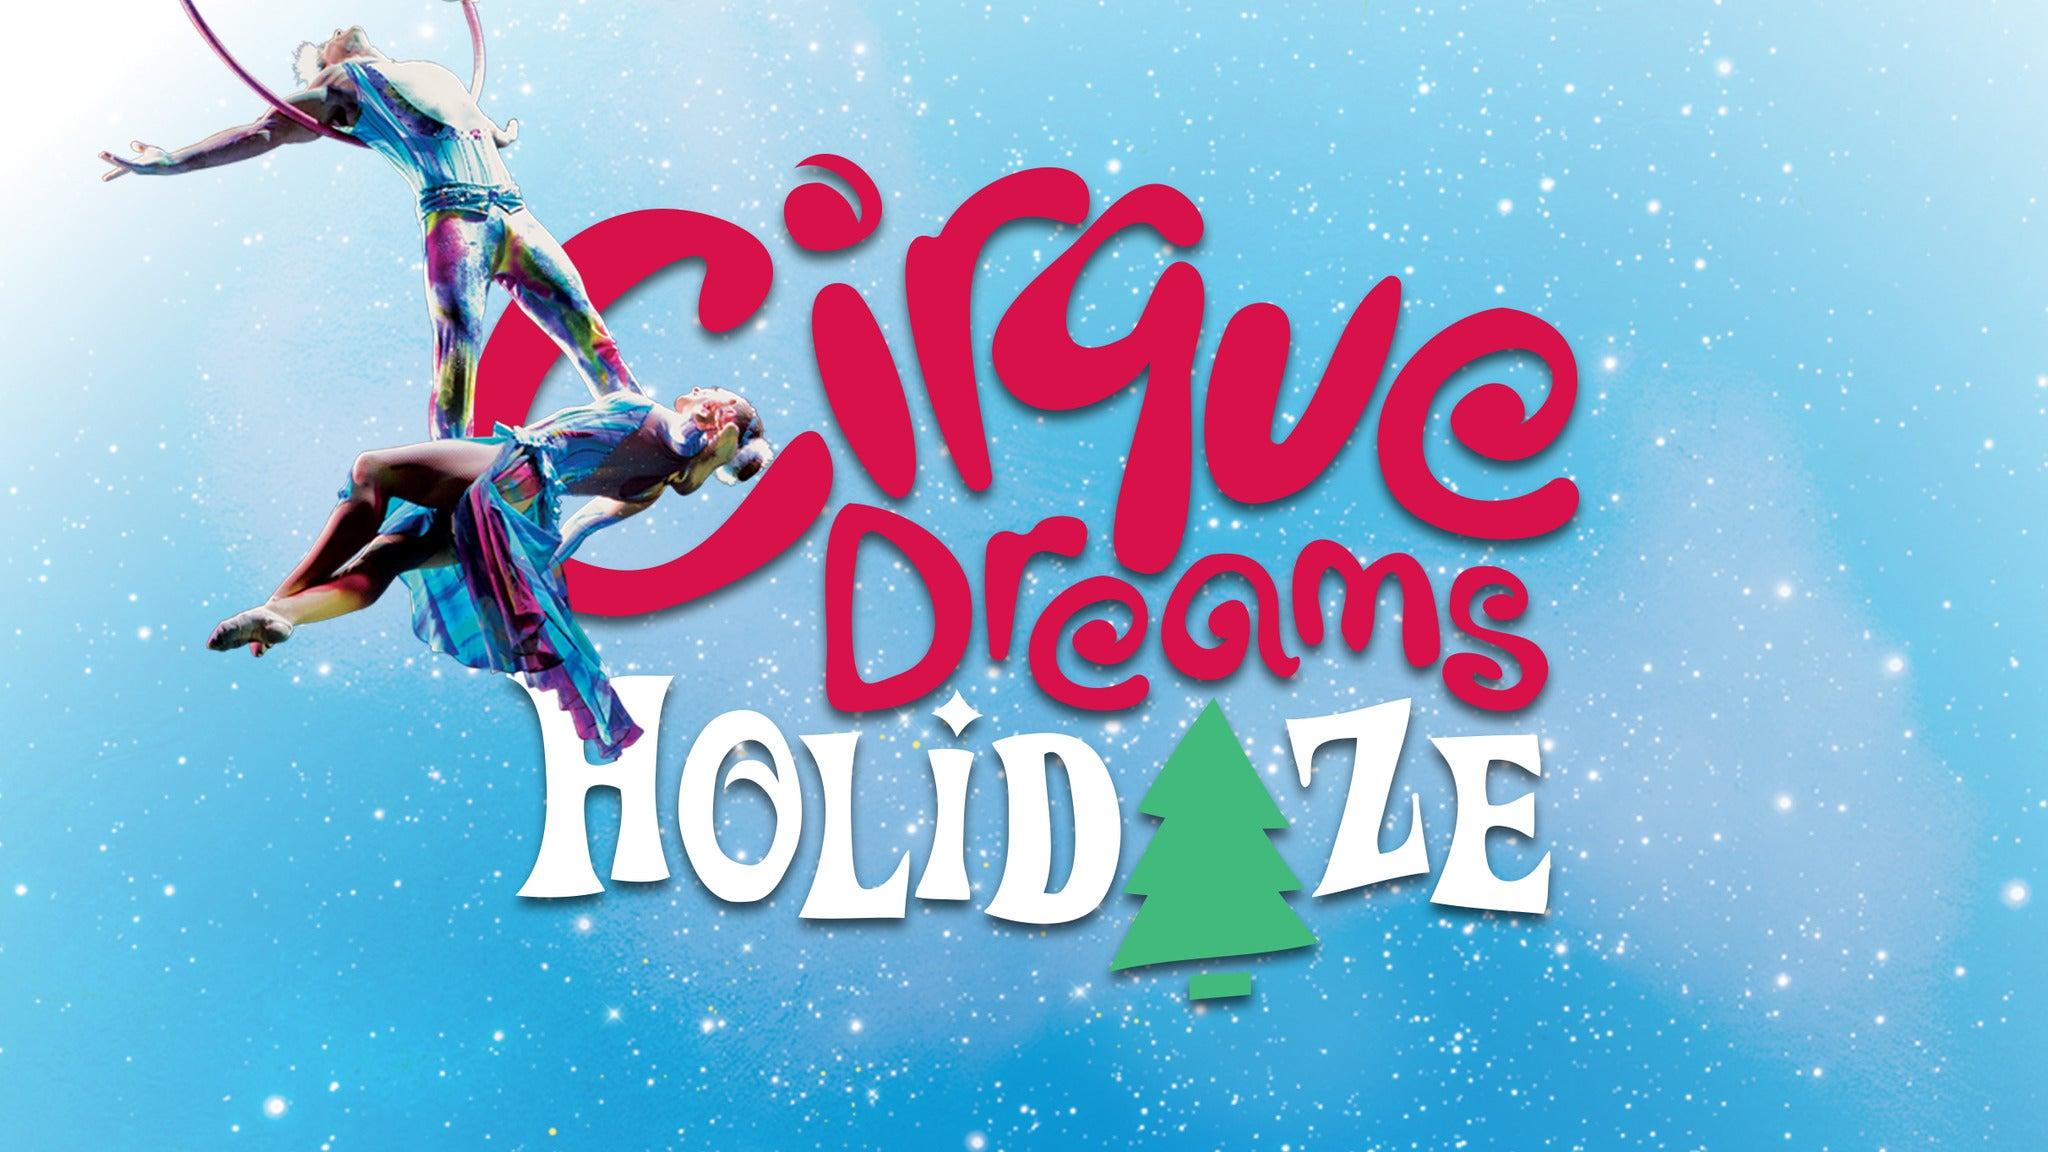 Cirque Dreams Holidaze (Touring) presale password for show tickets in Huntsville, AL (Von Braun Center Concert Hall)